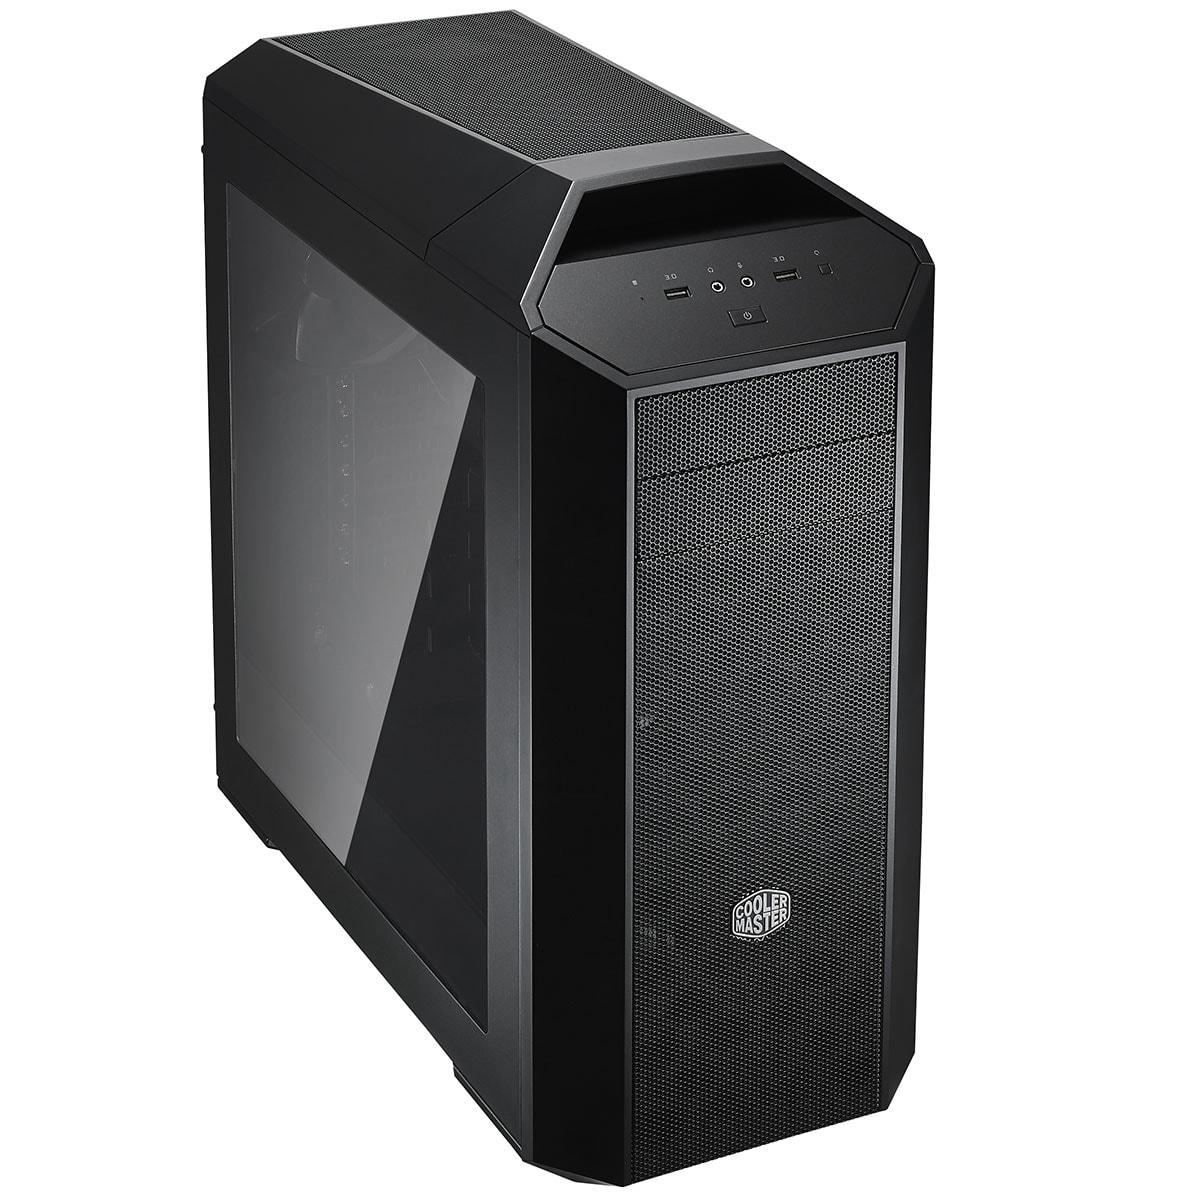 Cooler Master MasterCase PRO 5 MCY-005P-KWN00 (MCY-005P-KWN00) - Achat / Vente Boîtier PC sur Cybertek.fr - 0